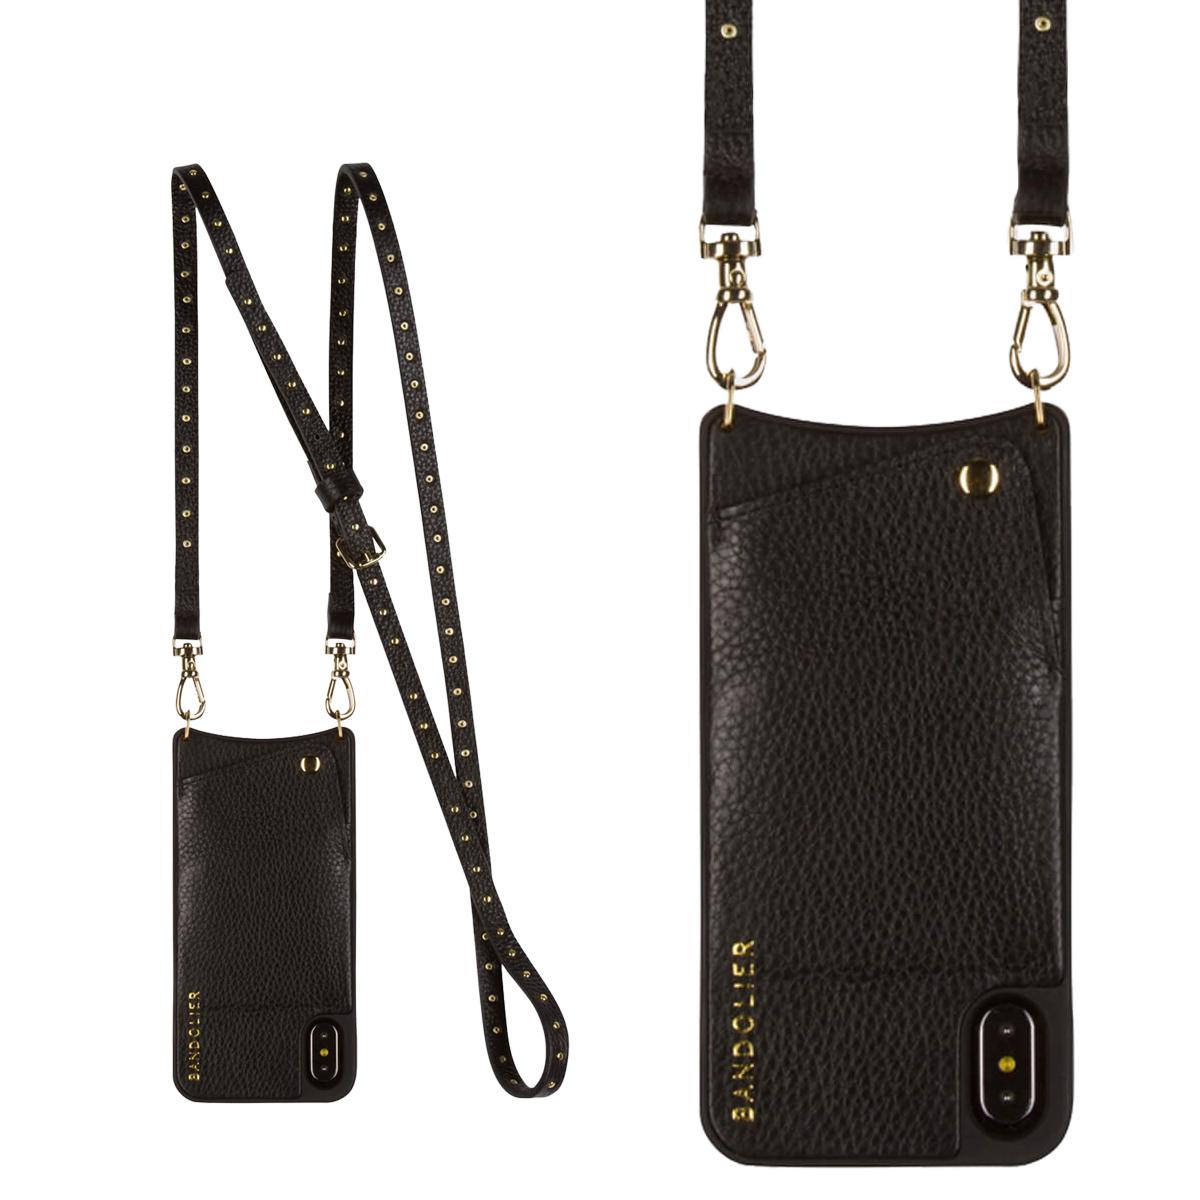 BANDOLIER iPhone XS X NICOLE GOL バンドリヤー ケース ショルダー スマホ アイフォン レザーD メンズ レディース ブラック 10NIC1001